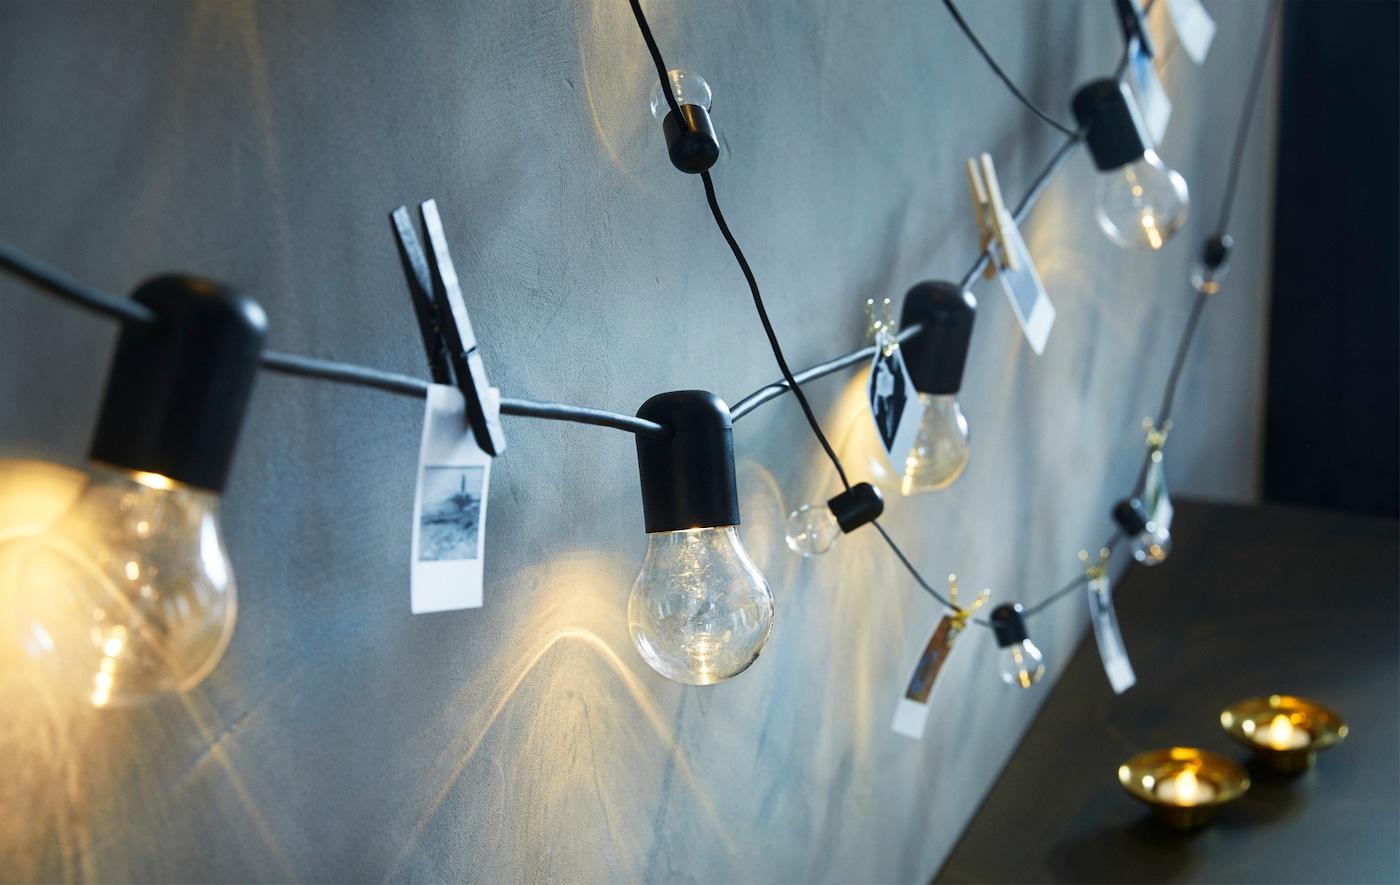 IKEA SVARTRÅ Garlanda lluminosa LED